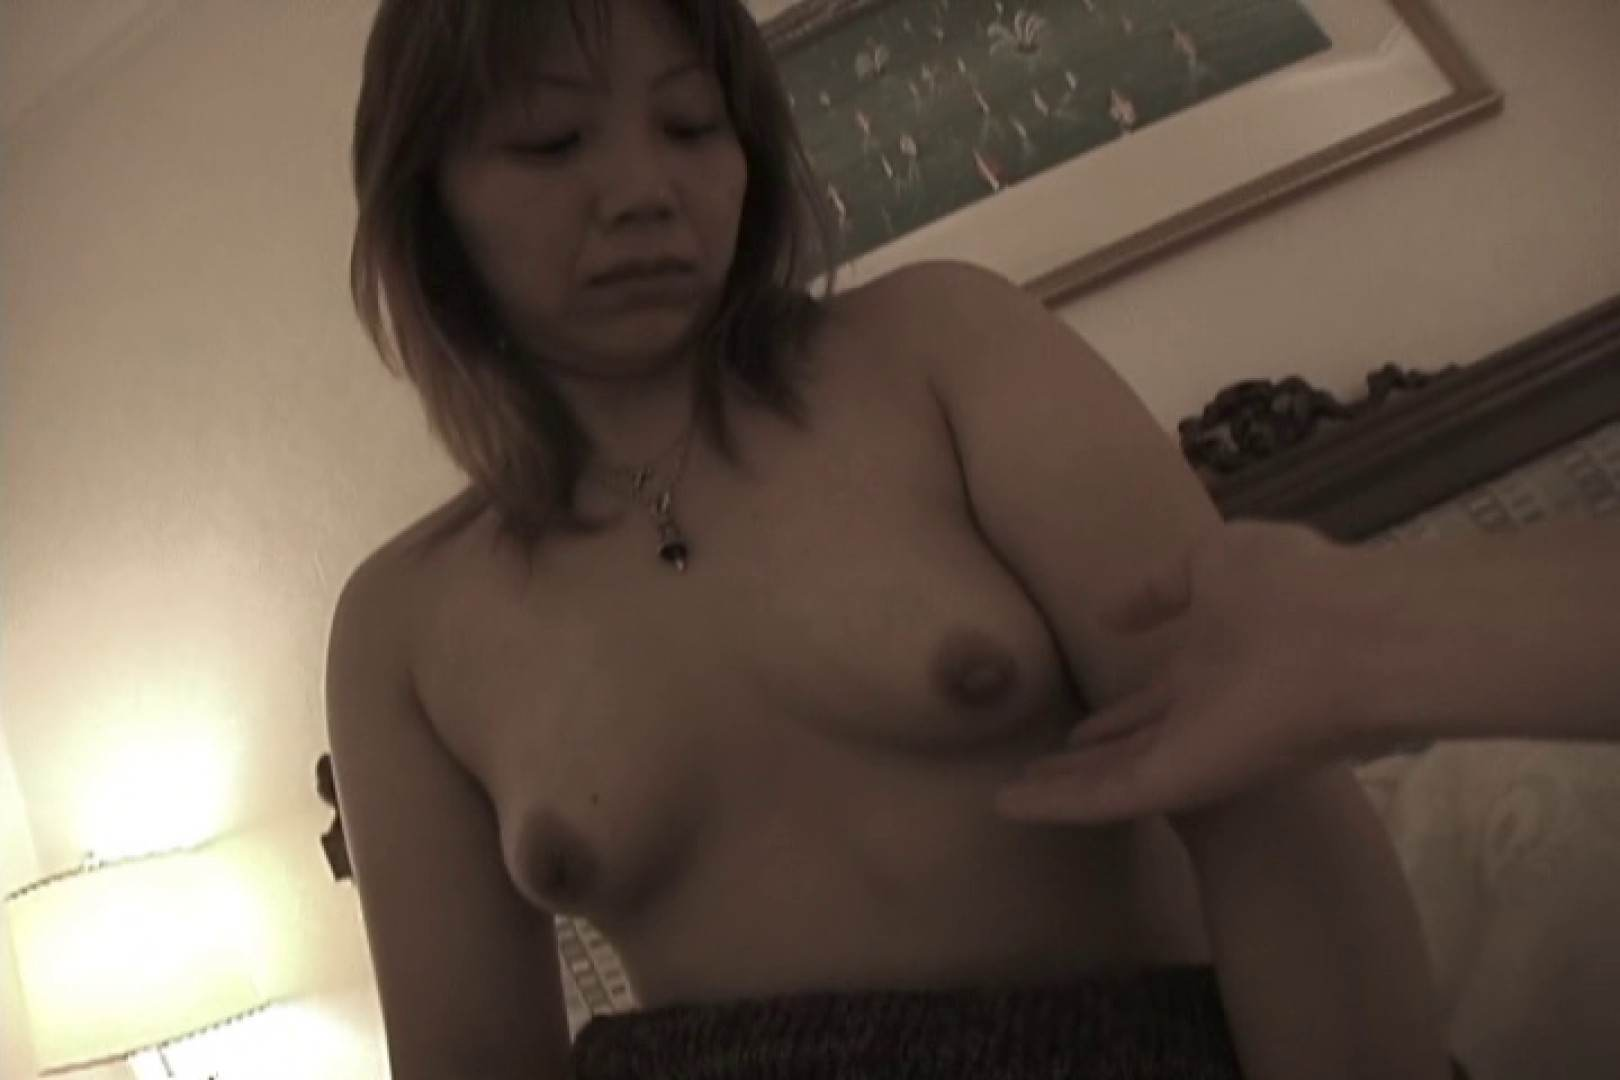 ツンデレ素人嬢もチンポには弱い~増田あけみ~ 素人丸裸  99pic 50